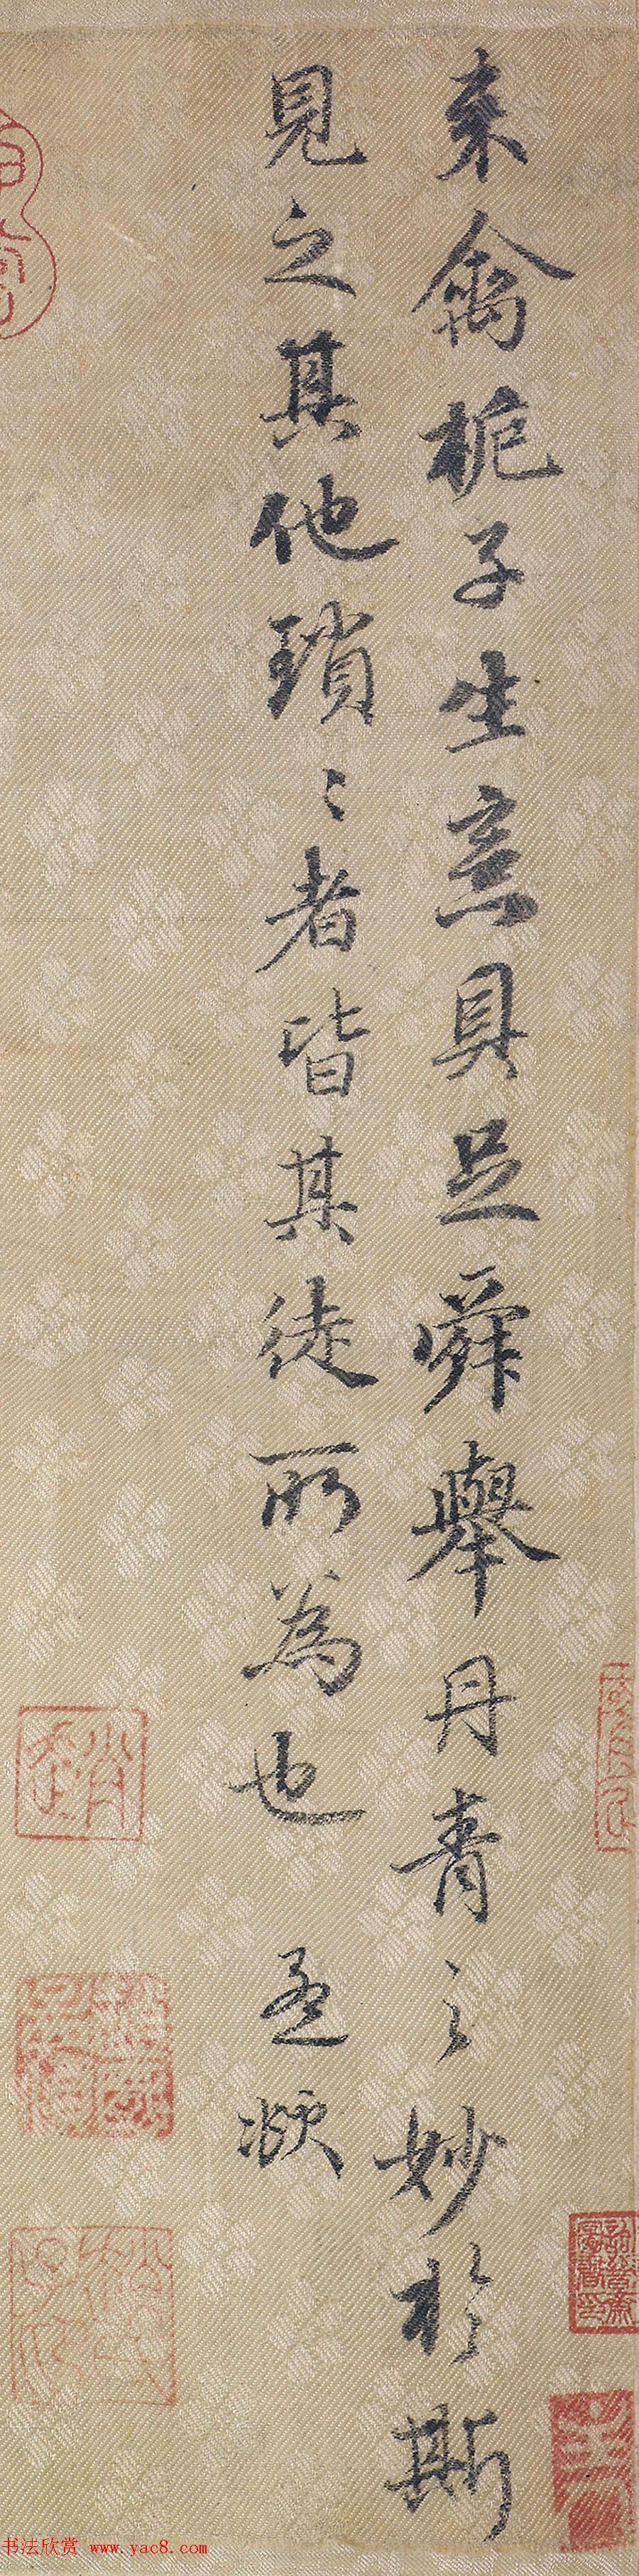 赵孟頫书法题跋《来禽栀子花图卷》